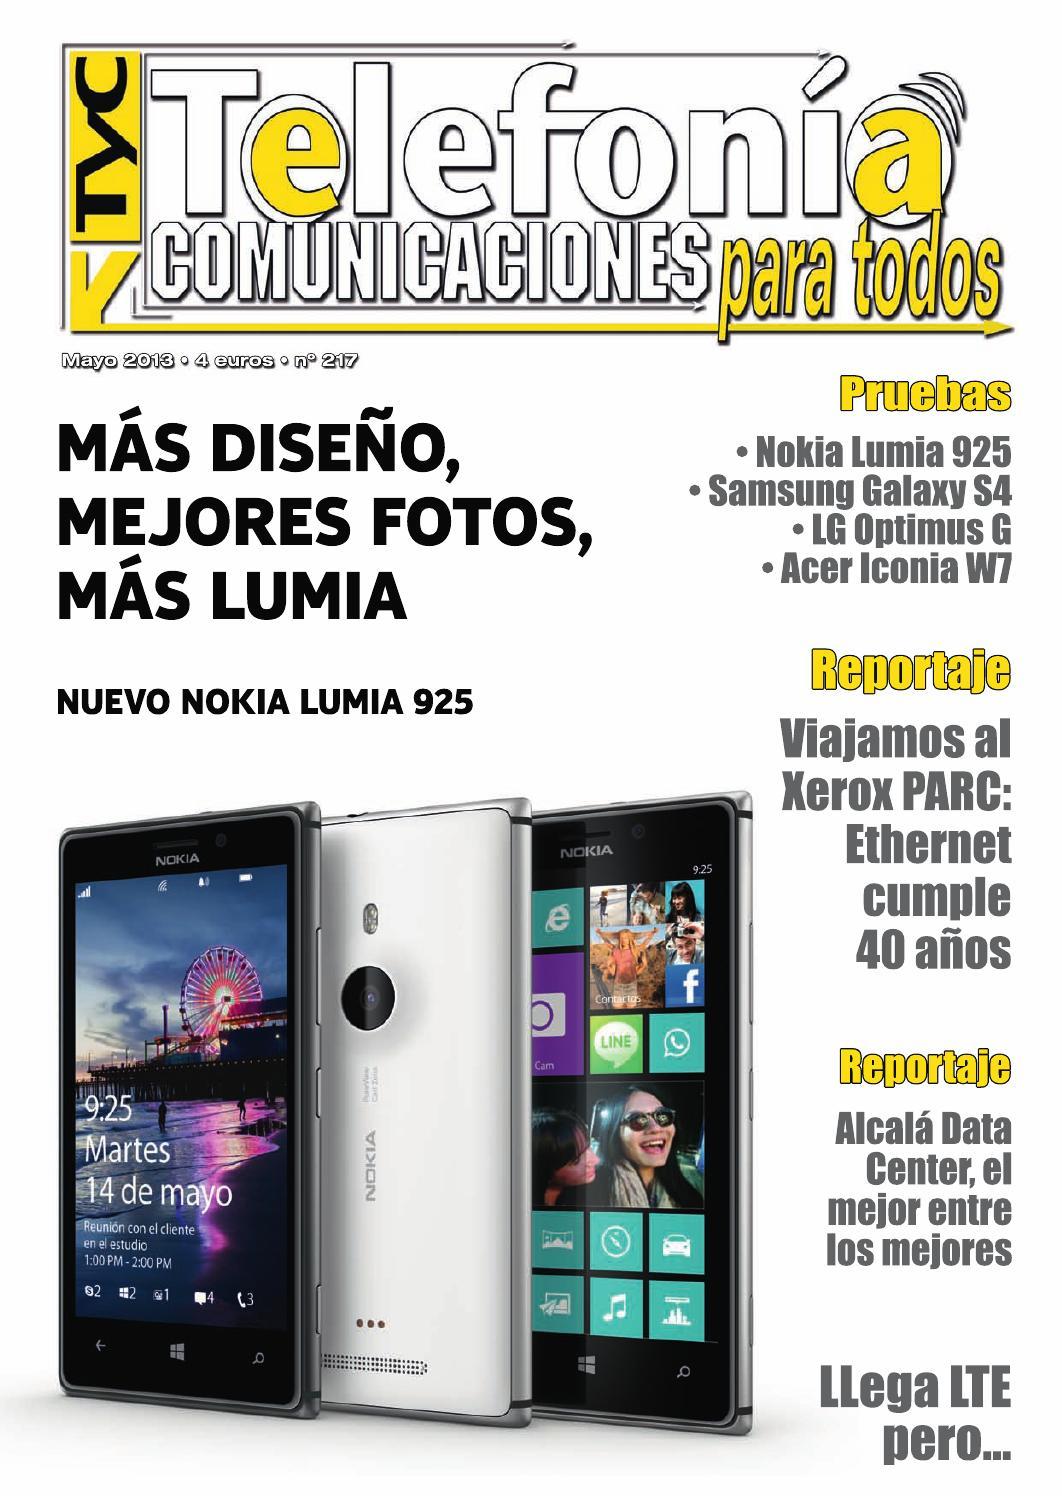 c47e23a3fab Telefonía y Comunicaciones Mayo 2013 by TyC Telefonia y Comunicaciones -  issuu